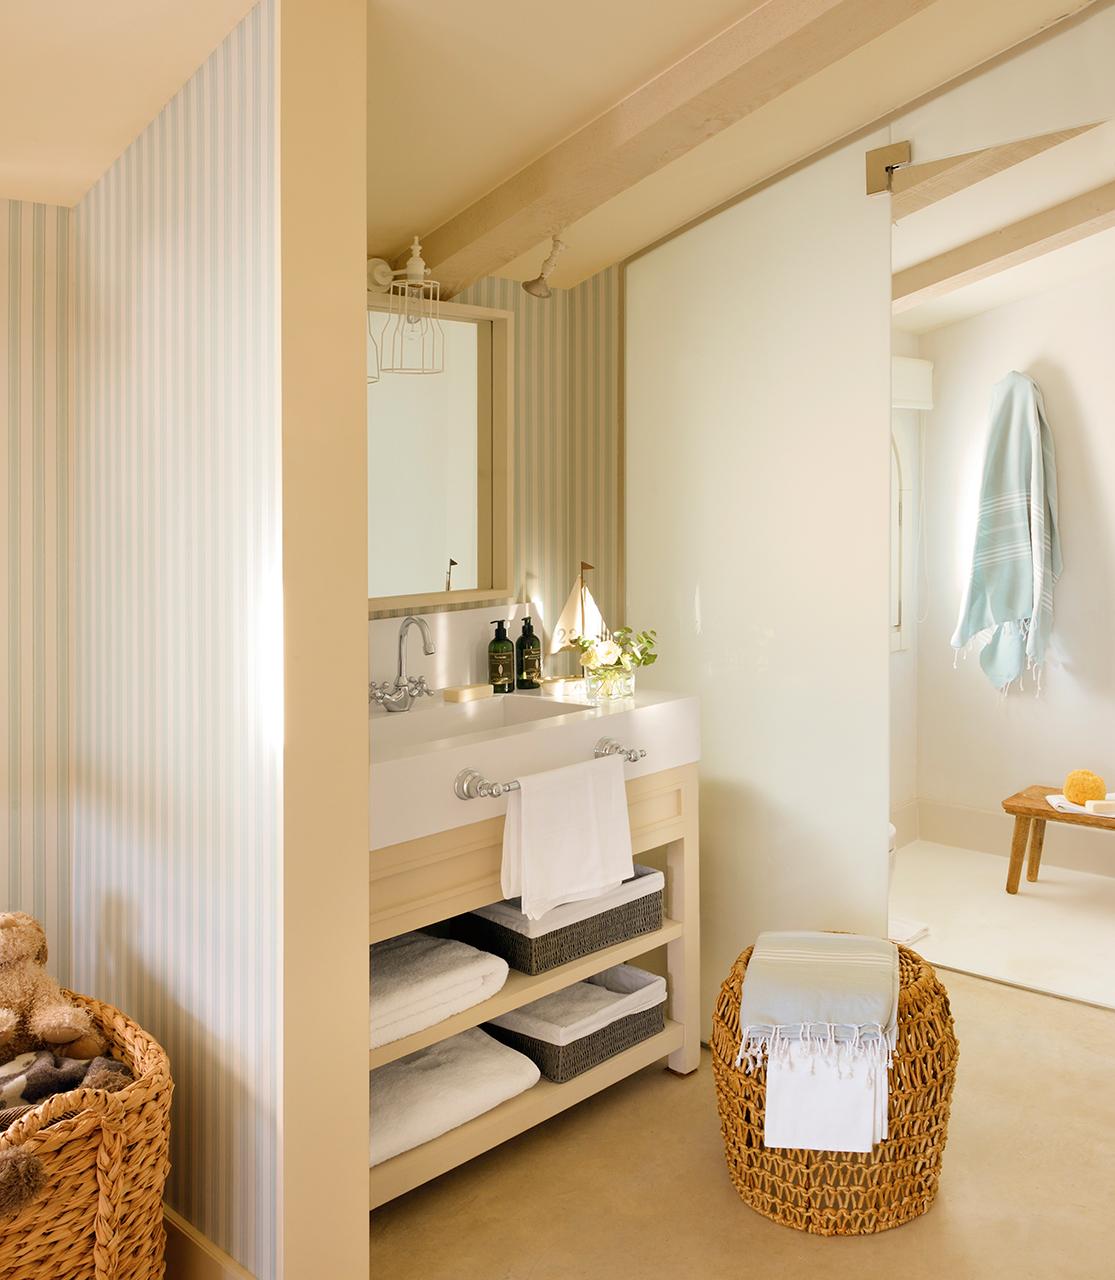 Baños Beige Con Blanco:Cocina con muebles en blanco y pared de papel pintado gris